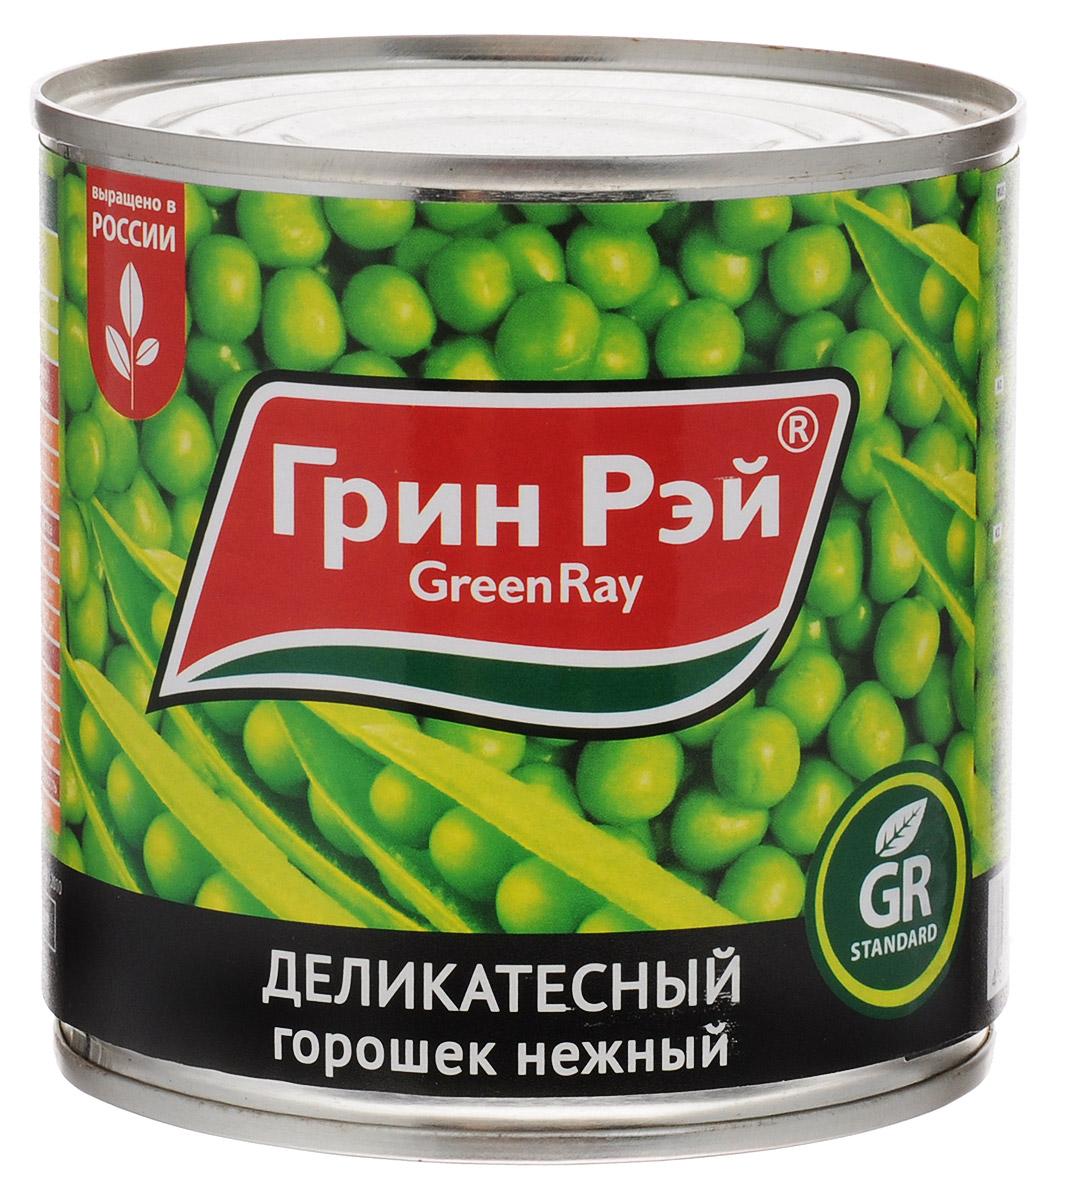 Green Ray Деликатесный горошек зеленый, 425 мл609Зеленый горошек Green Ray Деликатесный – высококачественный продукт, изготовленный из отборного зеленого горошка мозговых сортов. Горошек отличается приятным сладковатым вкусом и аппетитным ароматом.